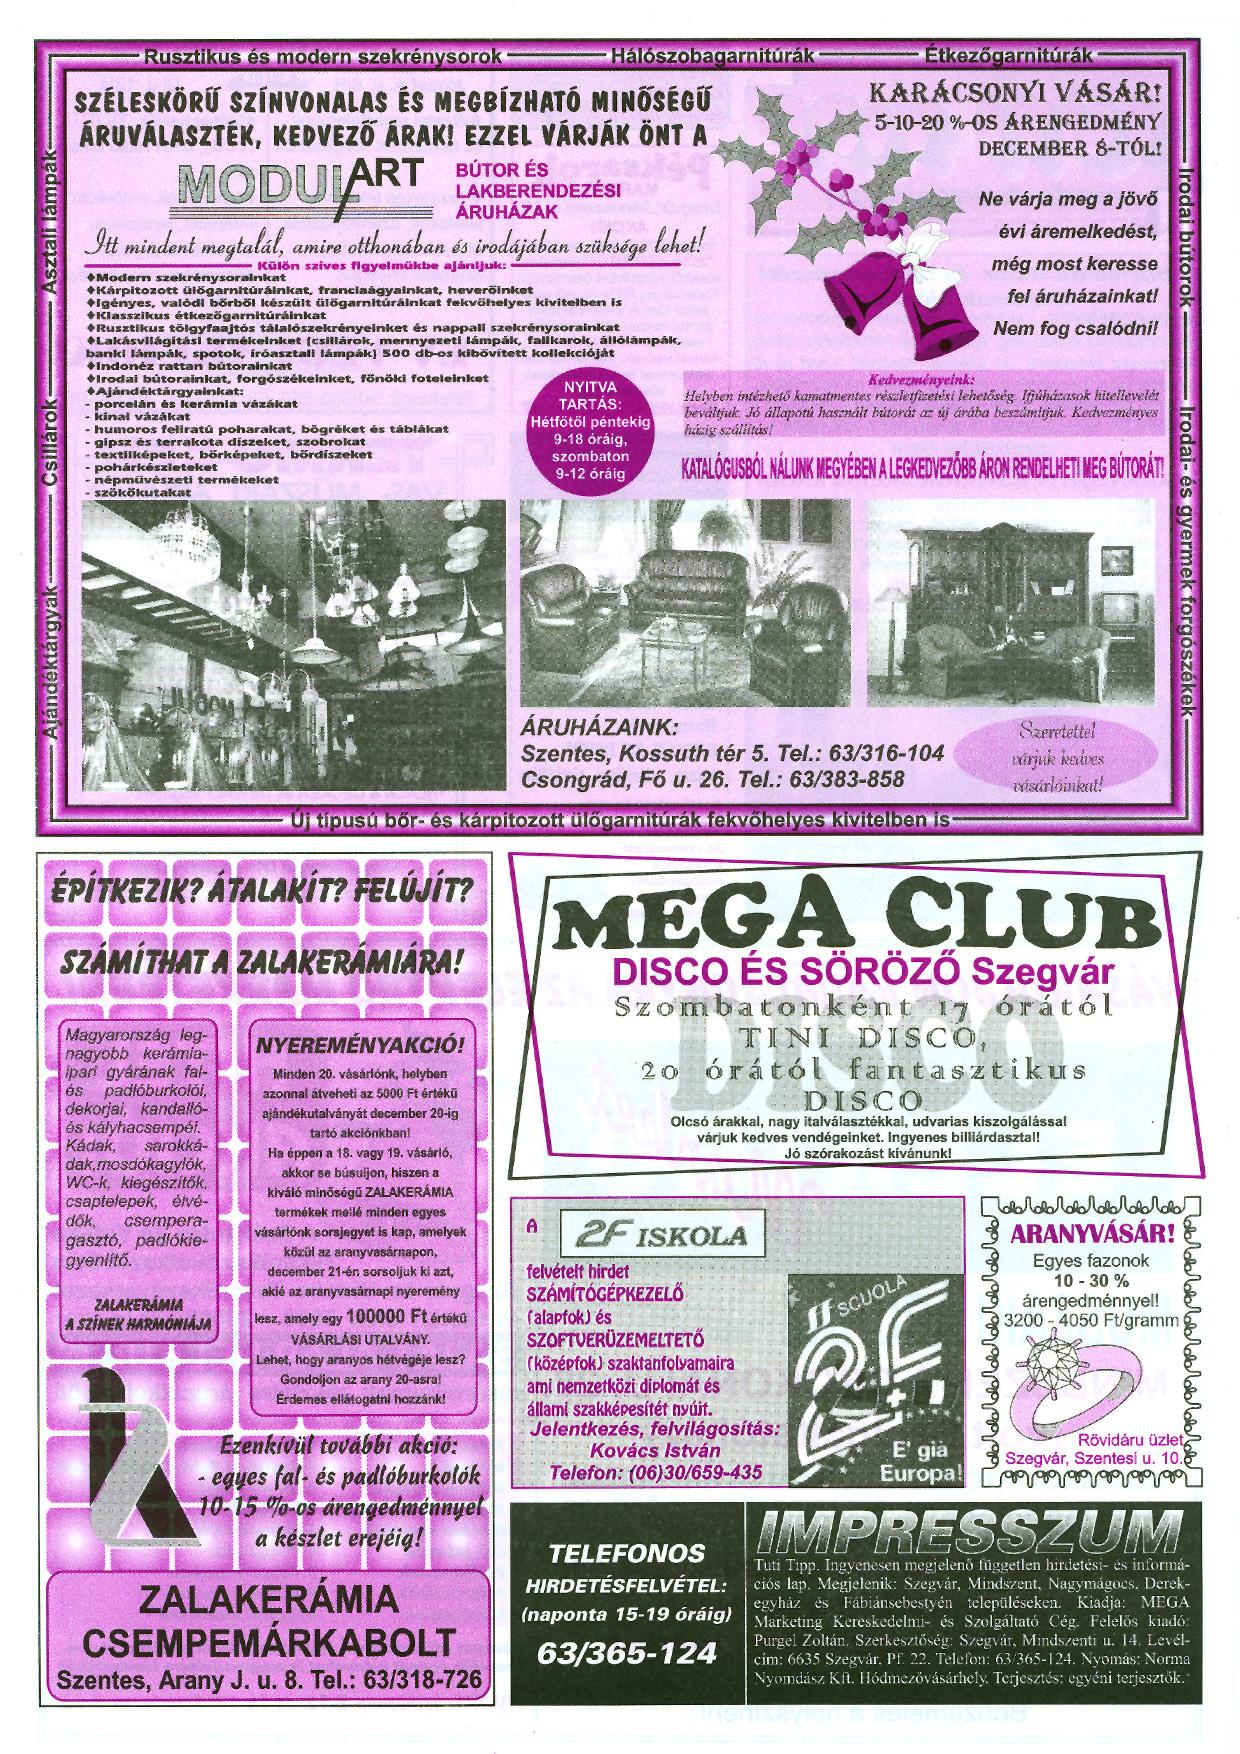 048 Tuti Tipp reklámújság - 19971203-075. lapszám - 2.oldal - III. évfolyam.jpg